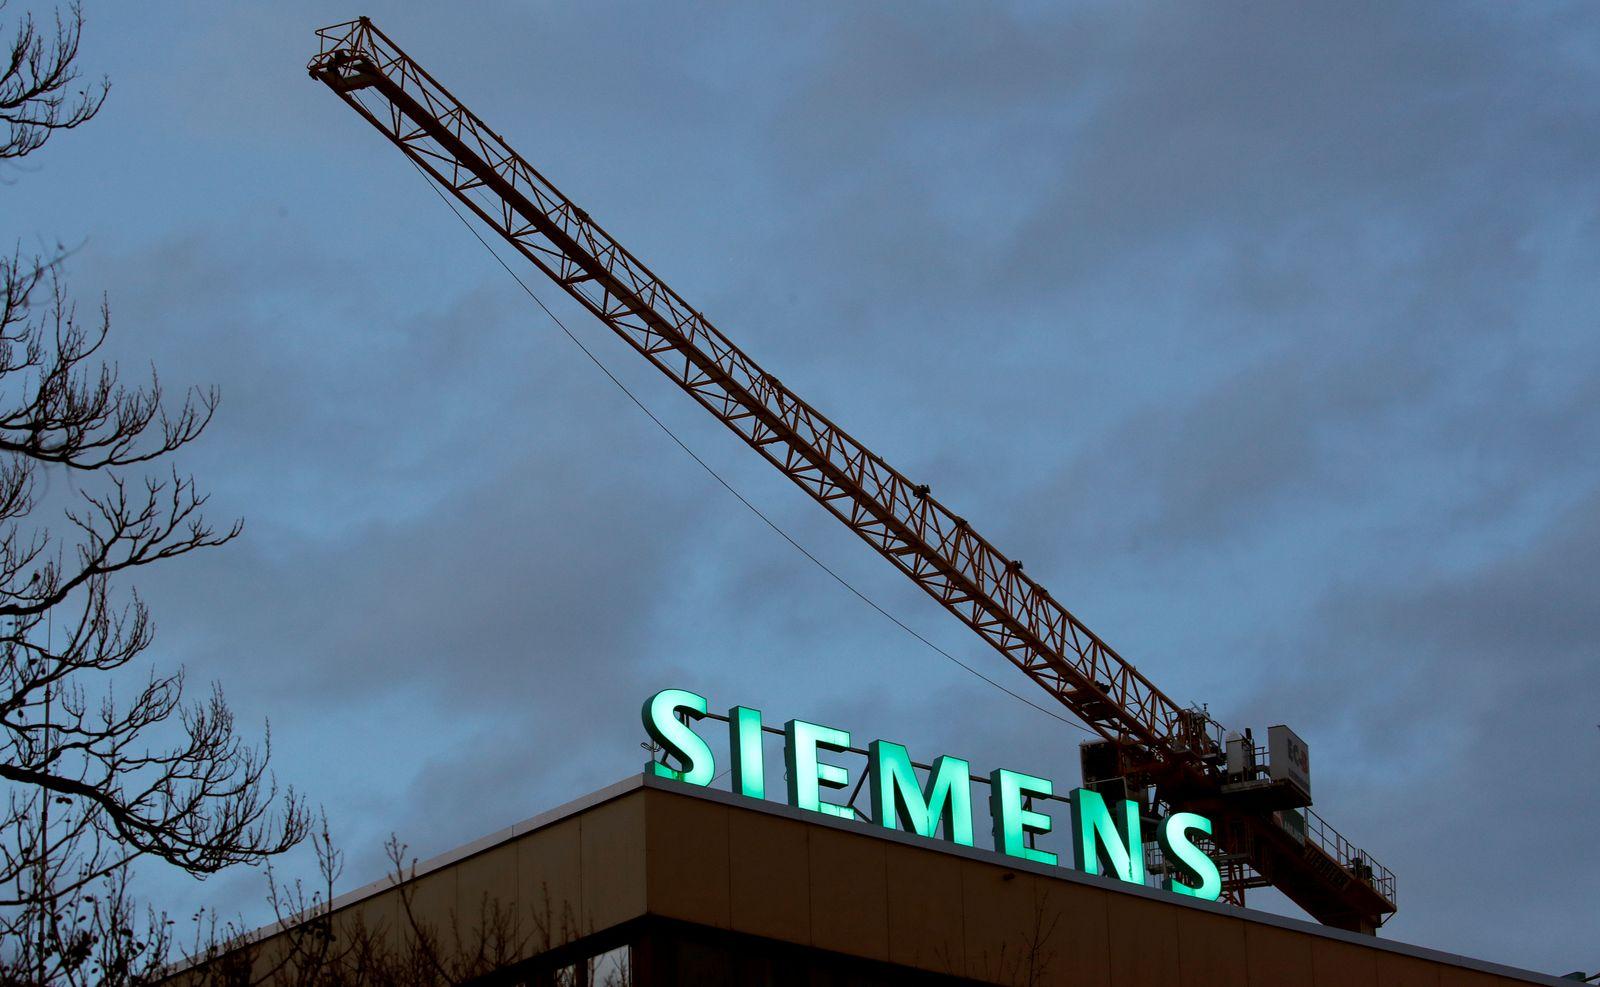 SIEMENS-RESULTS/